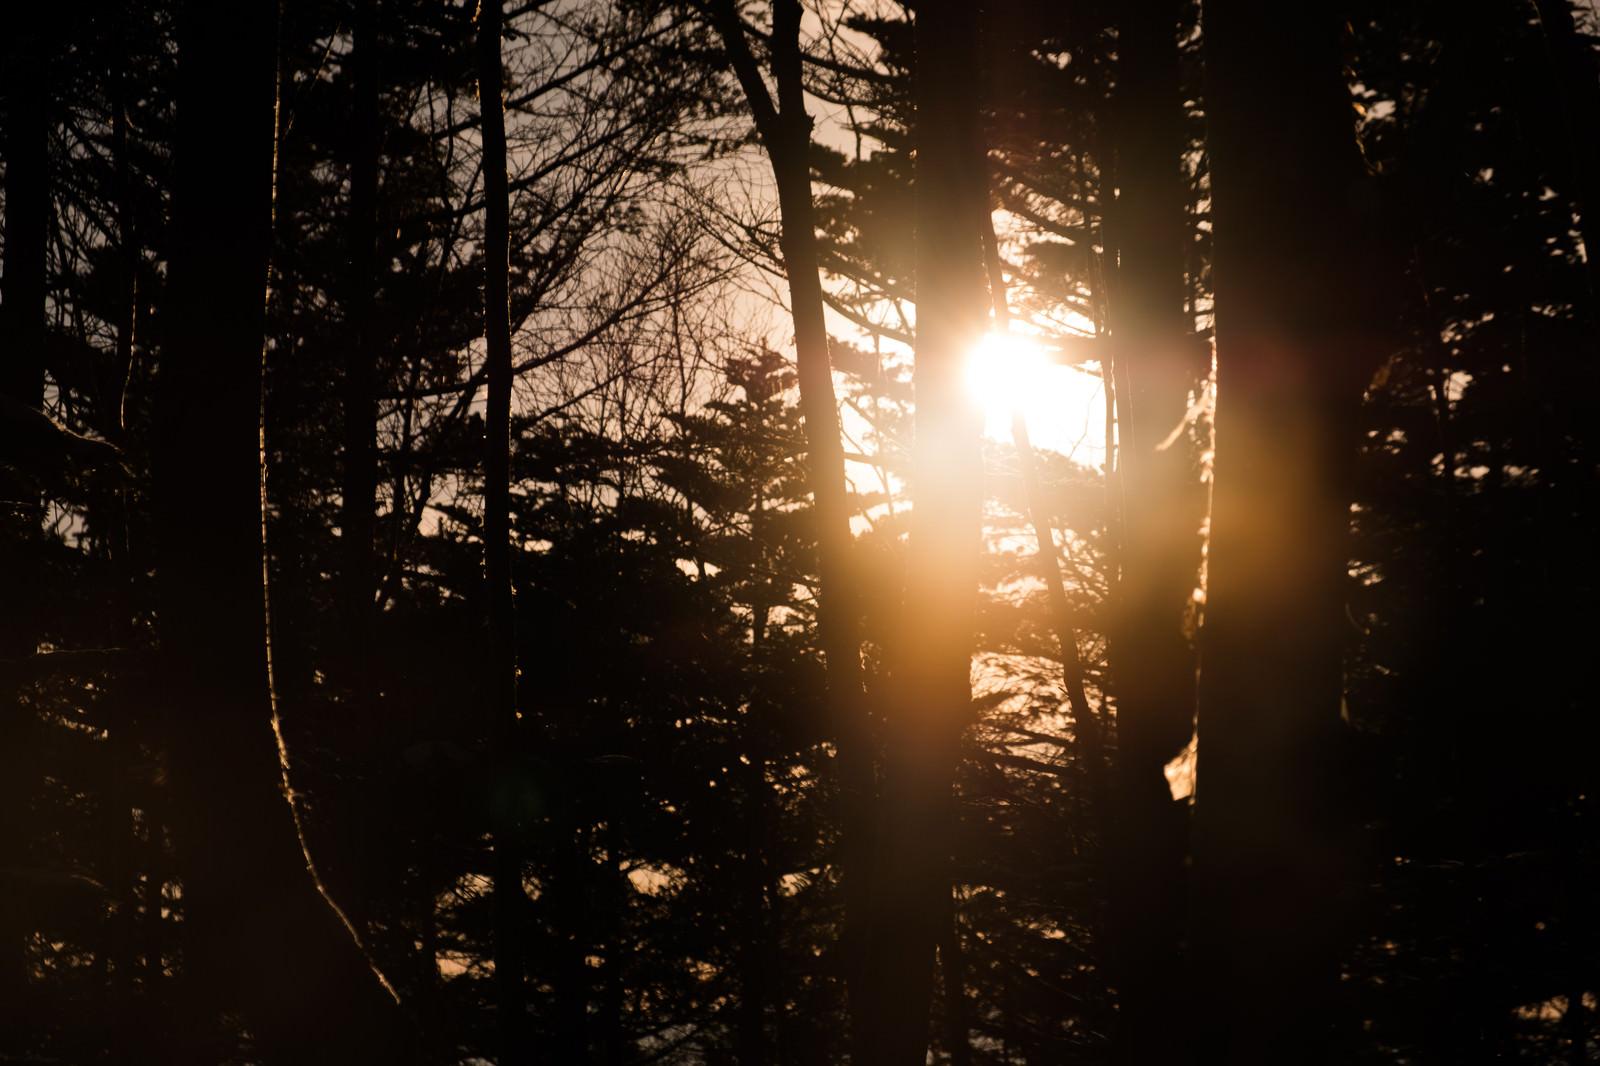 「哀愁漂う冬山の夕暮れ」の写真